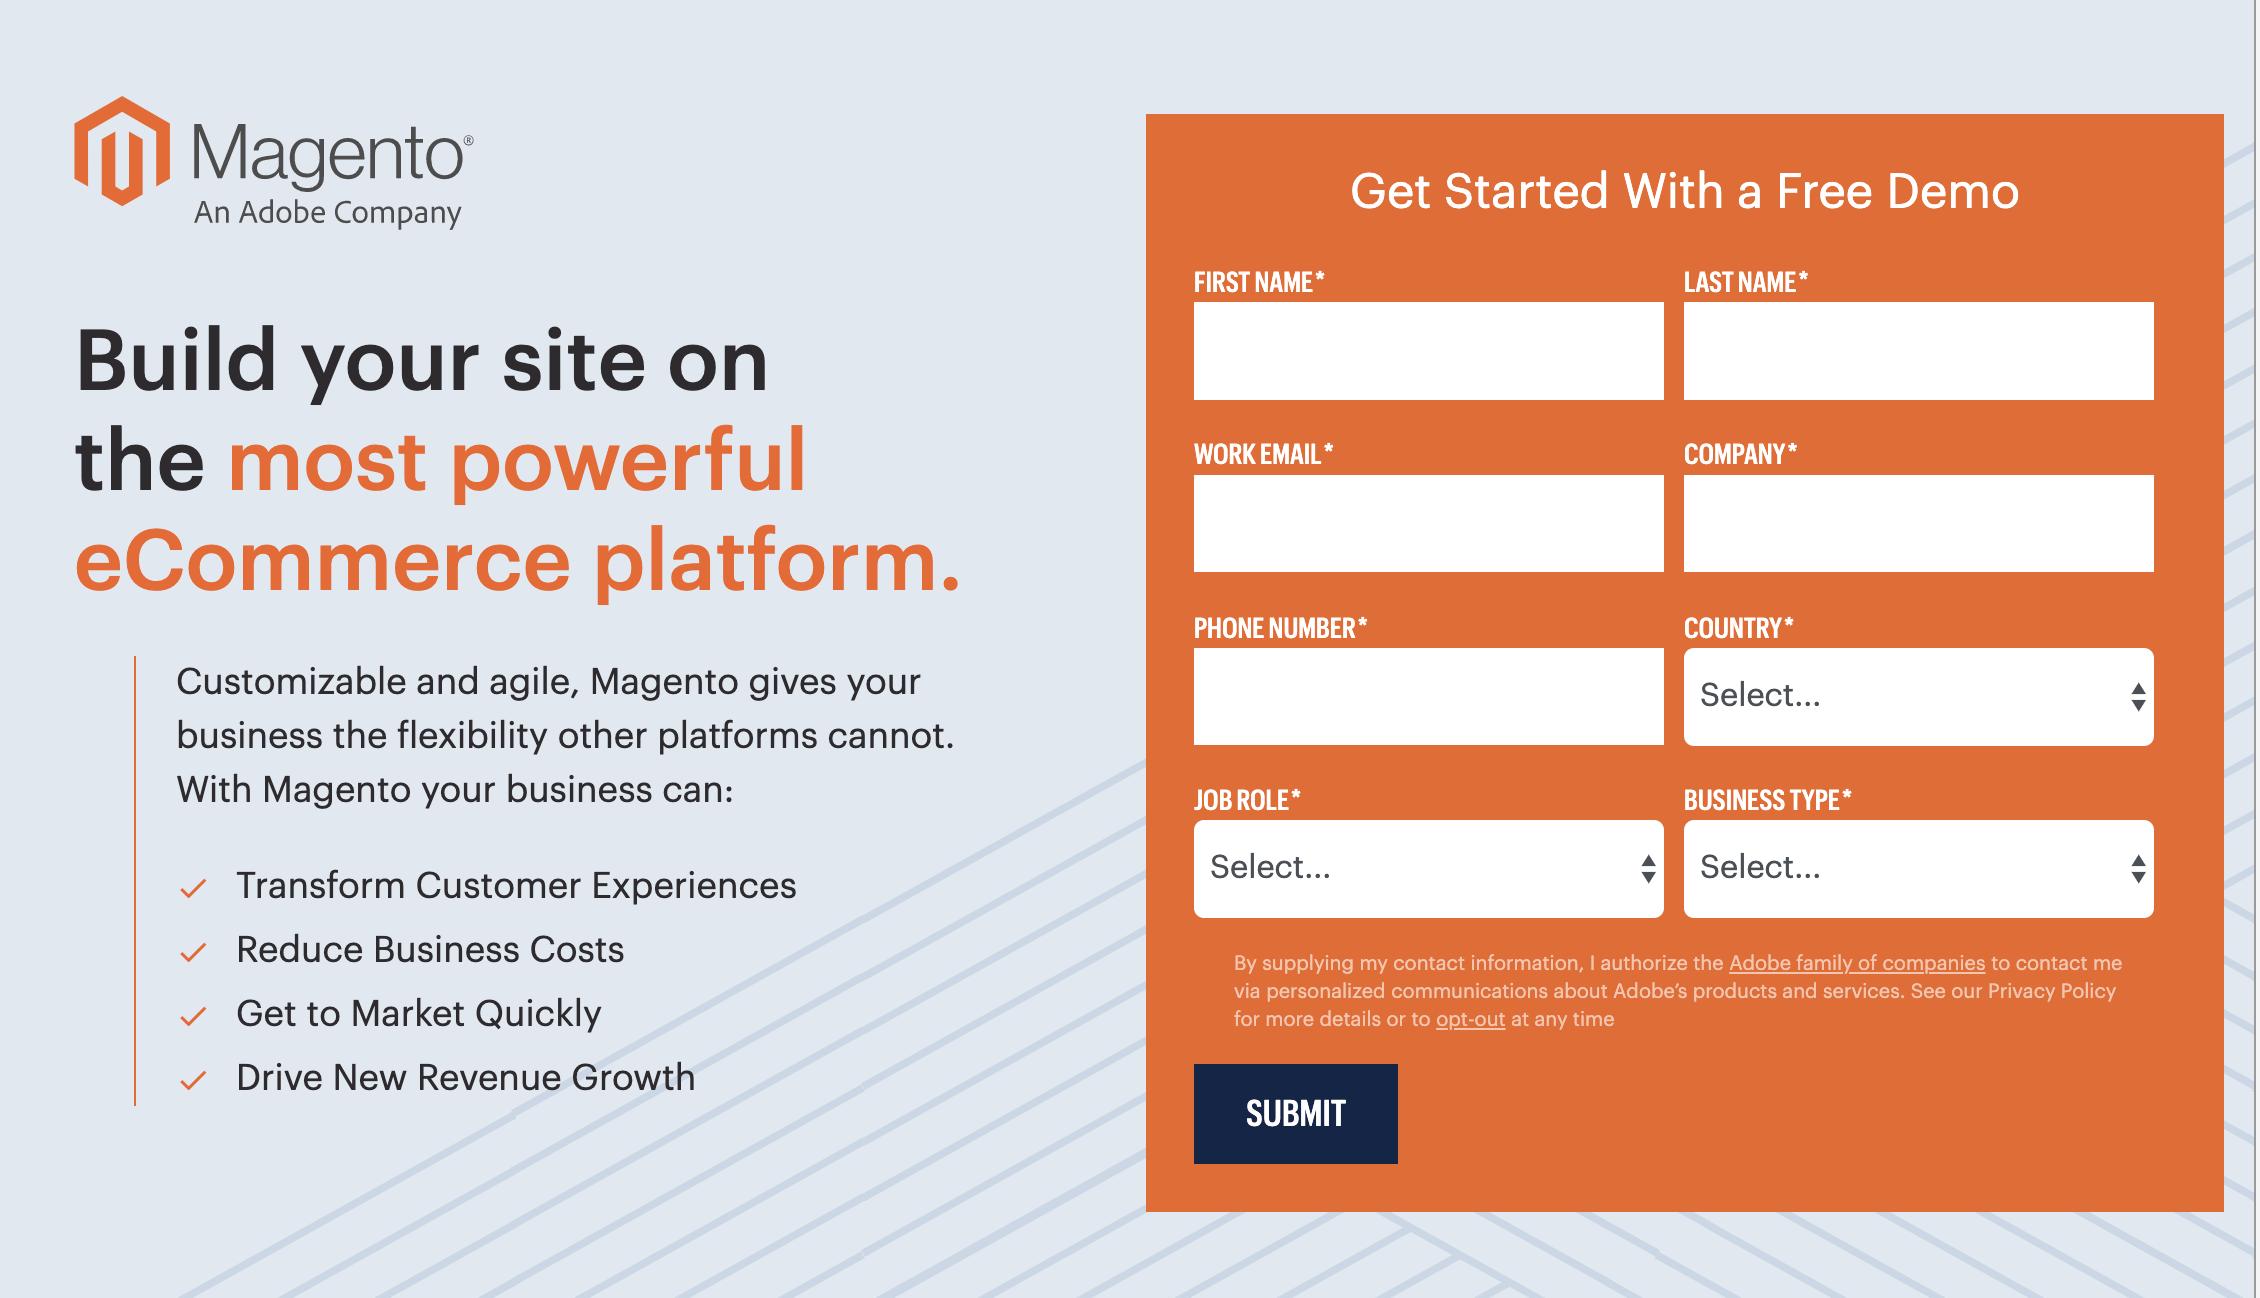 Magento como exemplo de plataforma ecommerce